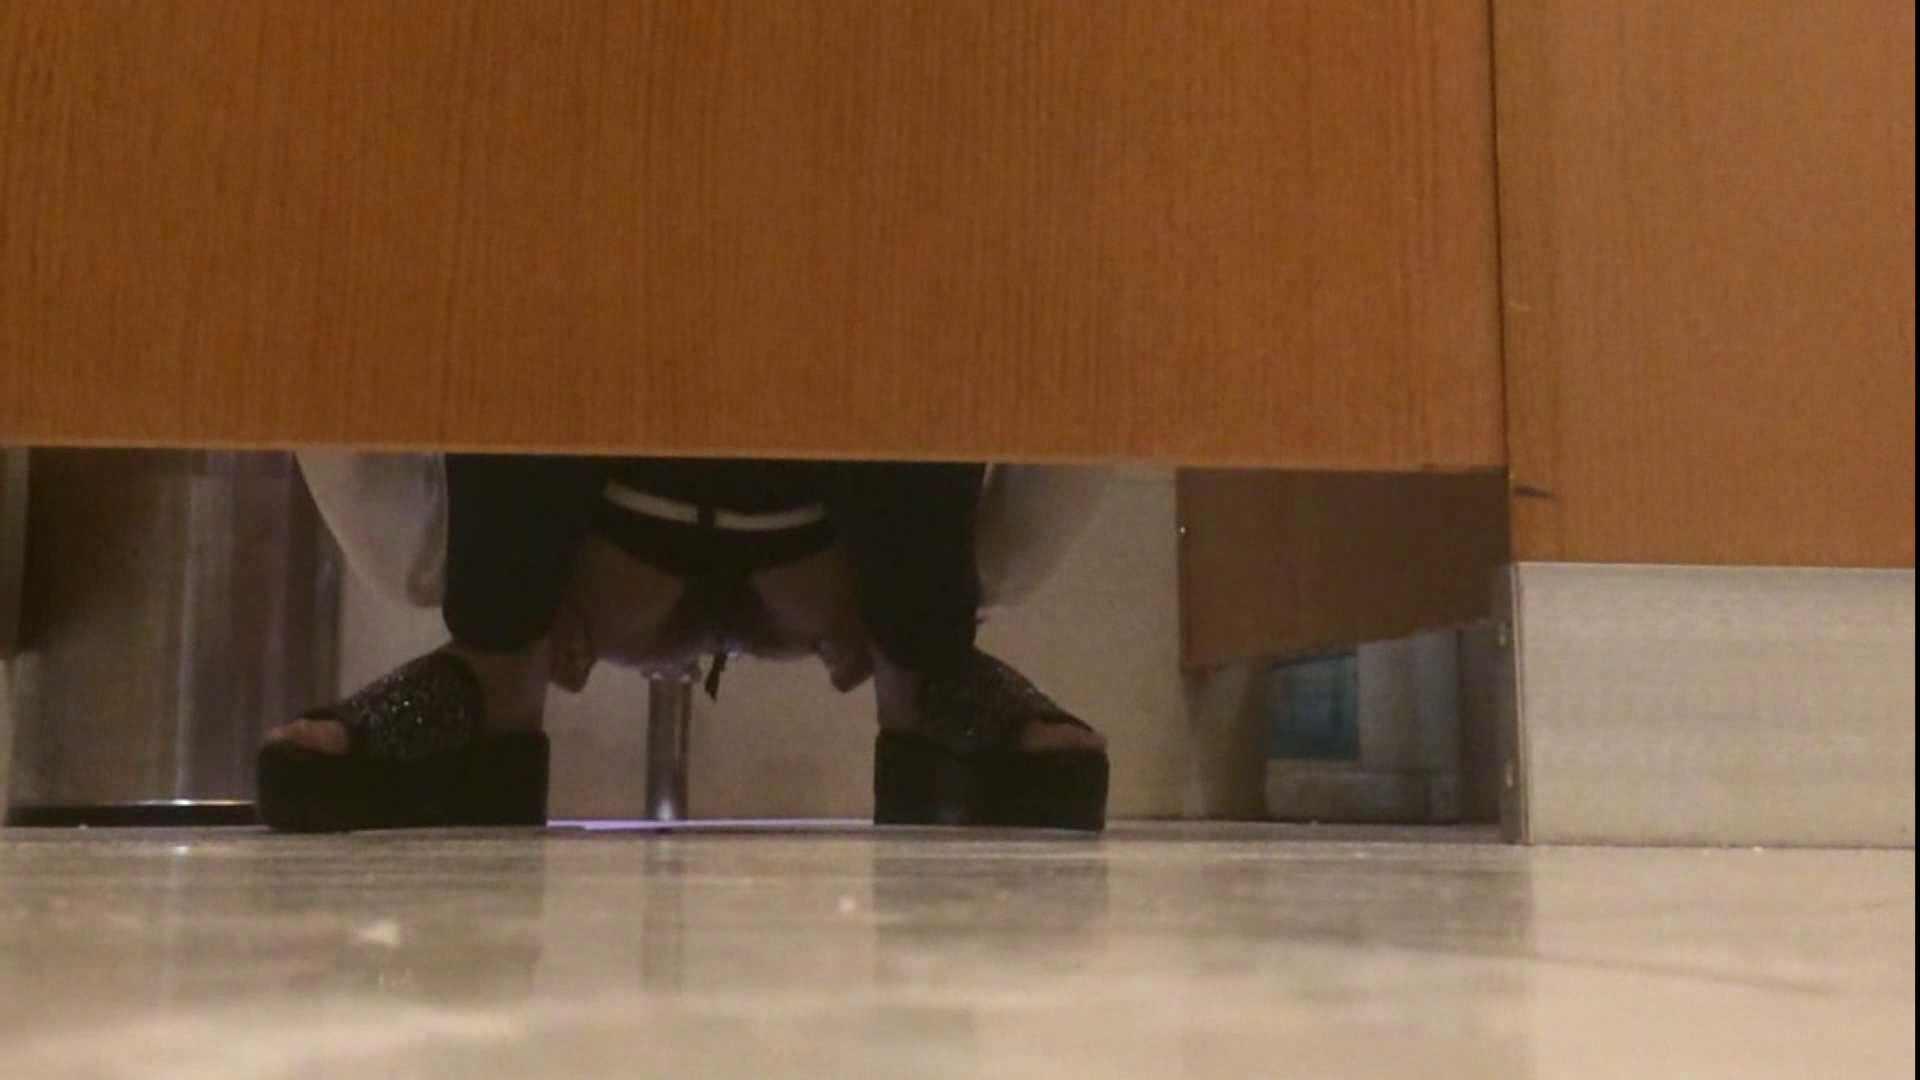 「噂」の国の厠観察日記2 Vol.14 人気シリーズ 戯れ無修正画像 38枚